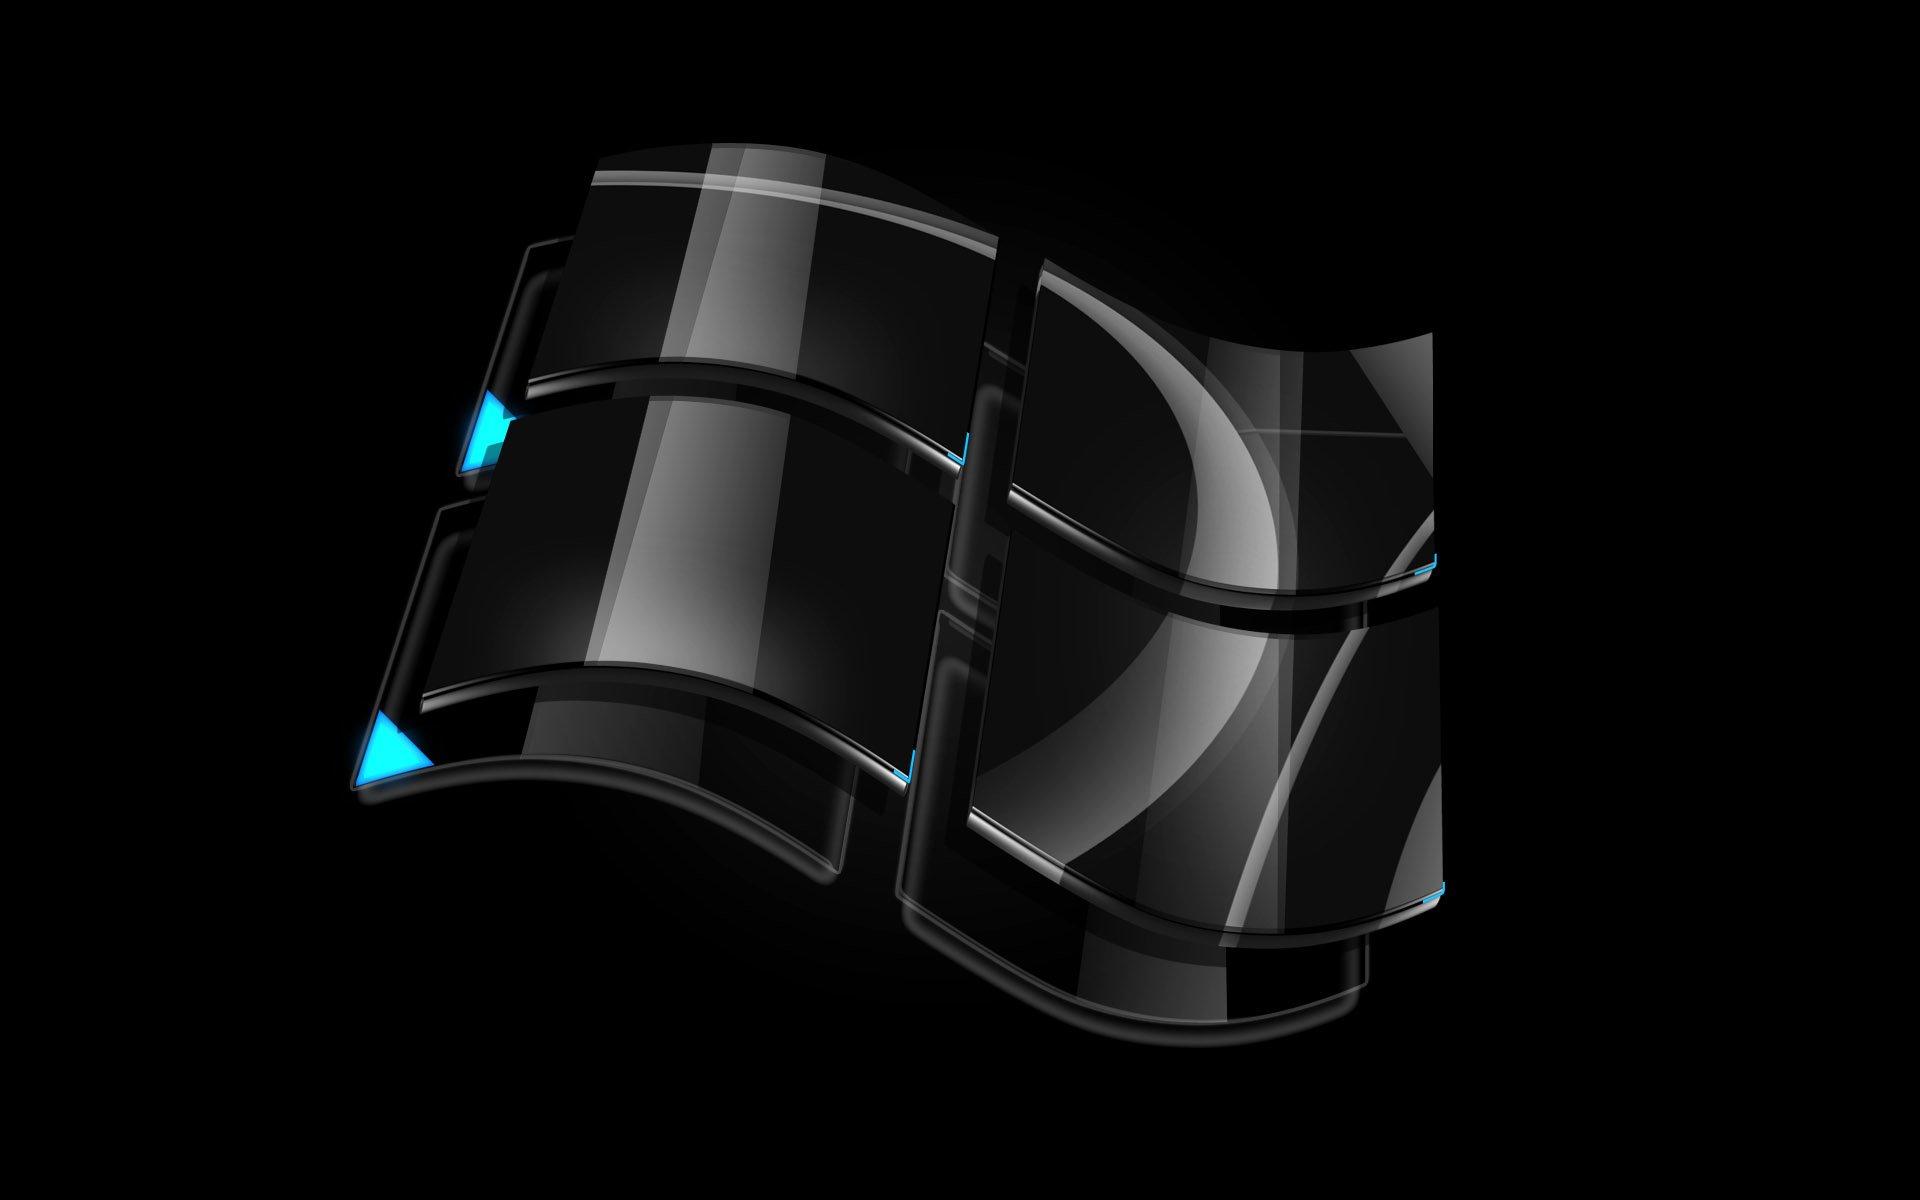 Avatar Wallpaper Hd 3d Black 3d Windows Full Hd Tapeta And Tło 1920x1200 Id